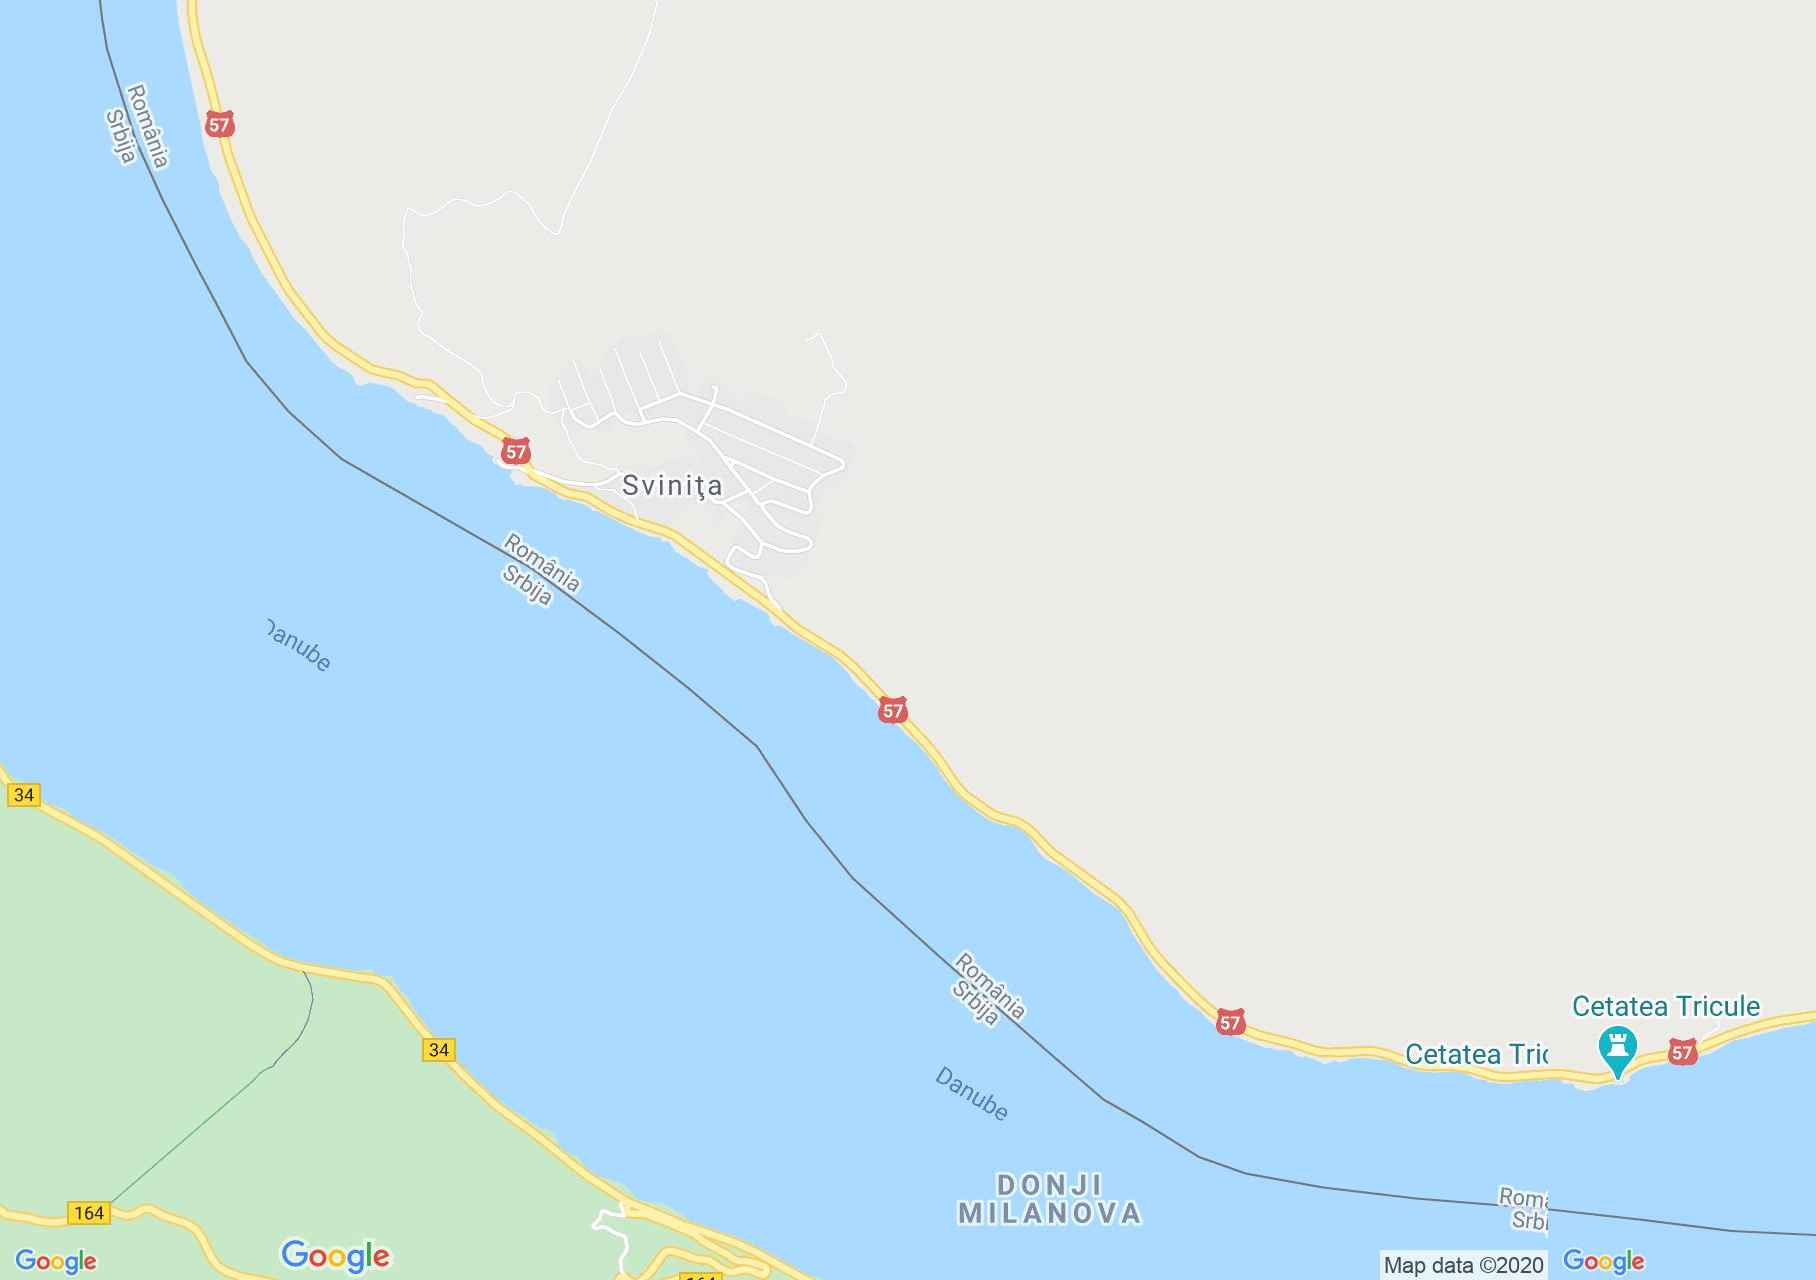 Harta turistică interactivă a României pe Google Map